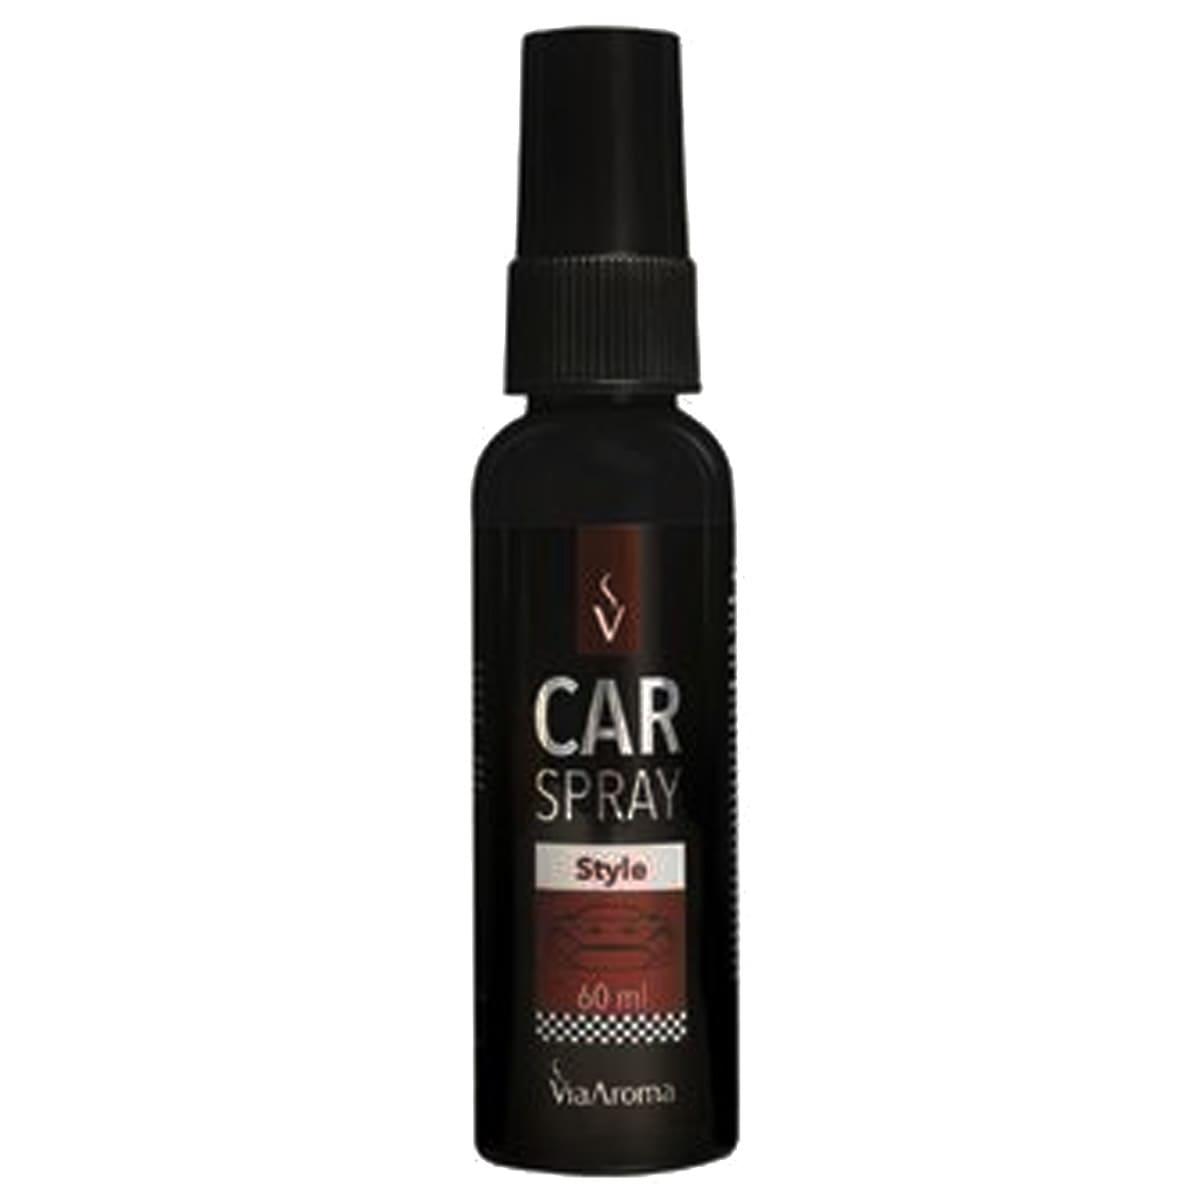 Car spray style 60ml